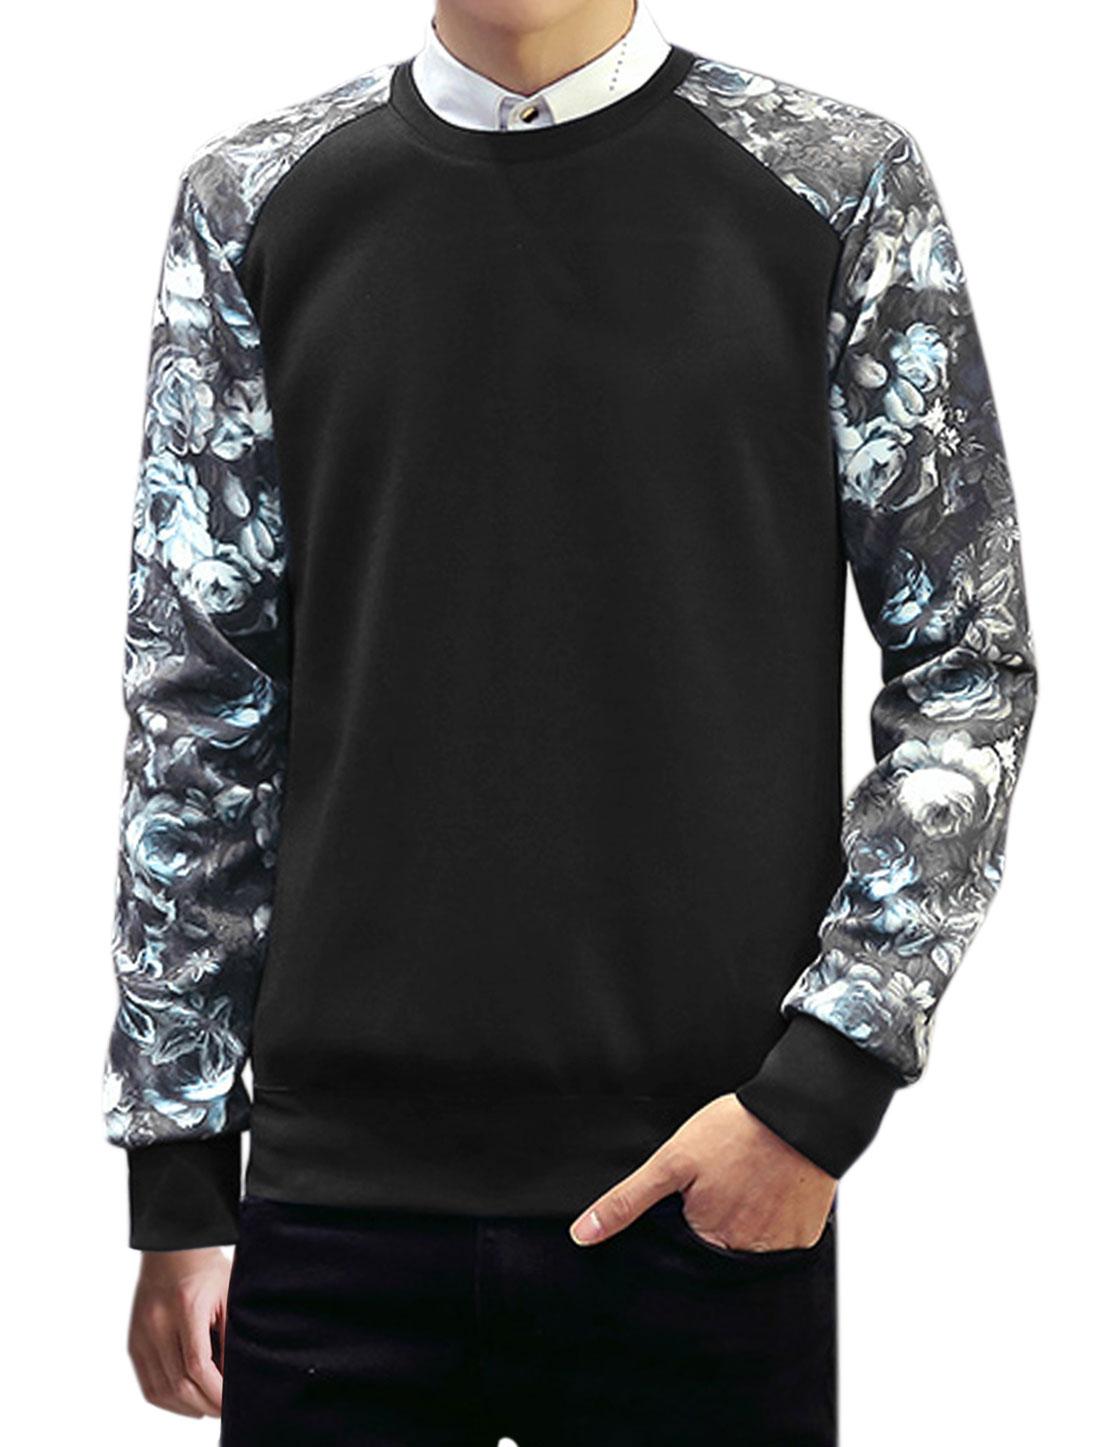 Men Long Sleeves Crew Neck Floral Print Casual Sweatshirt Black M